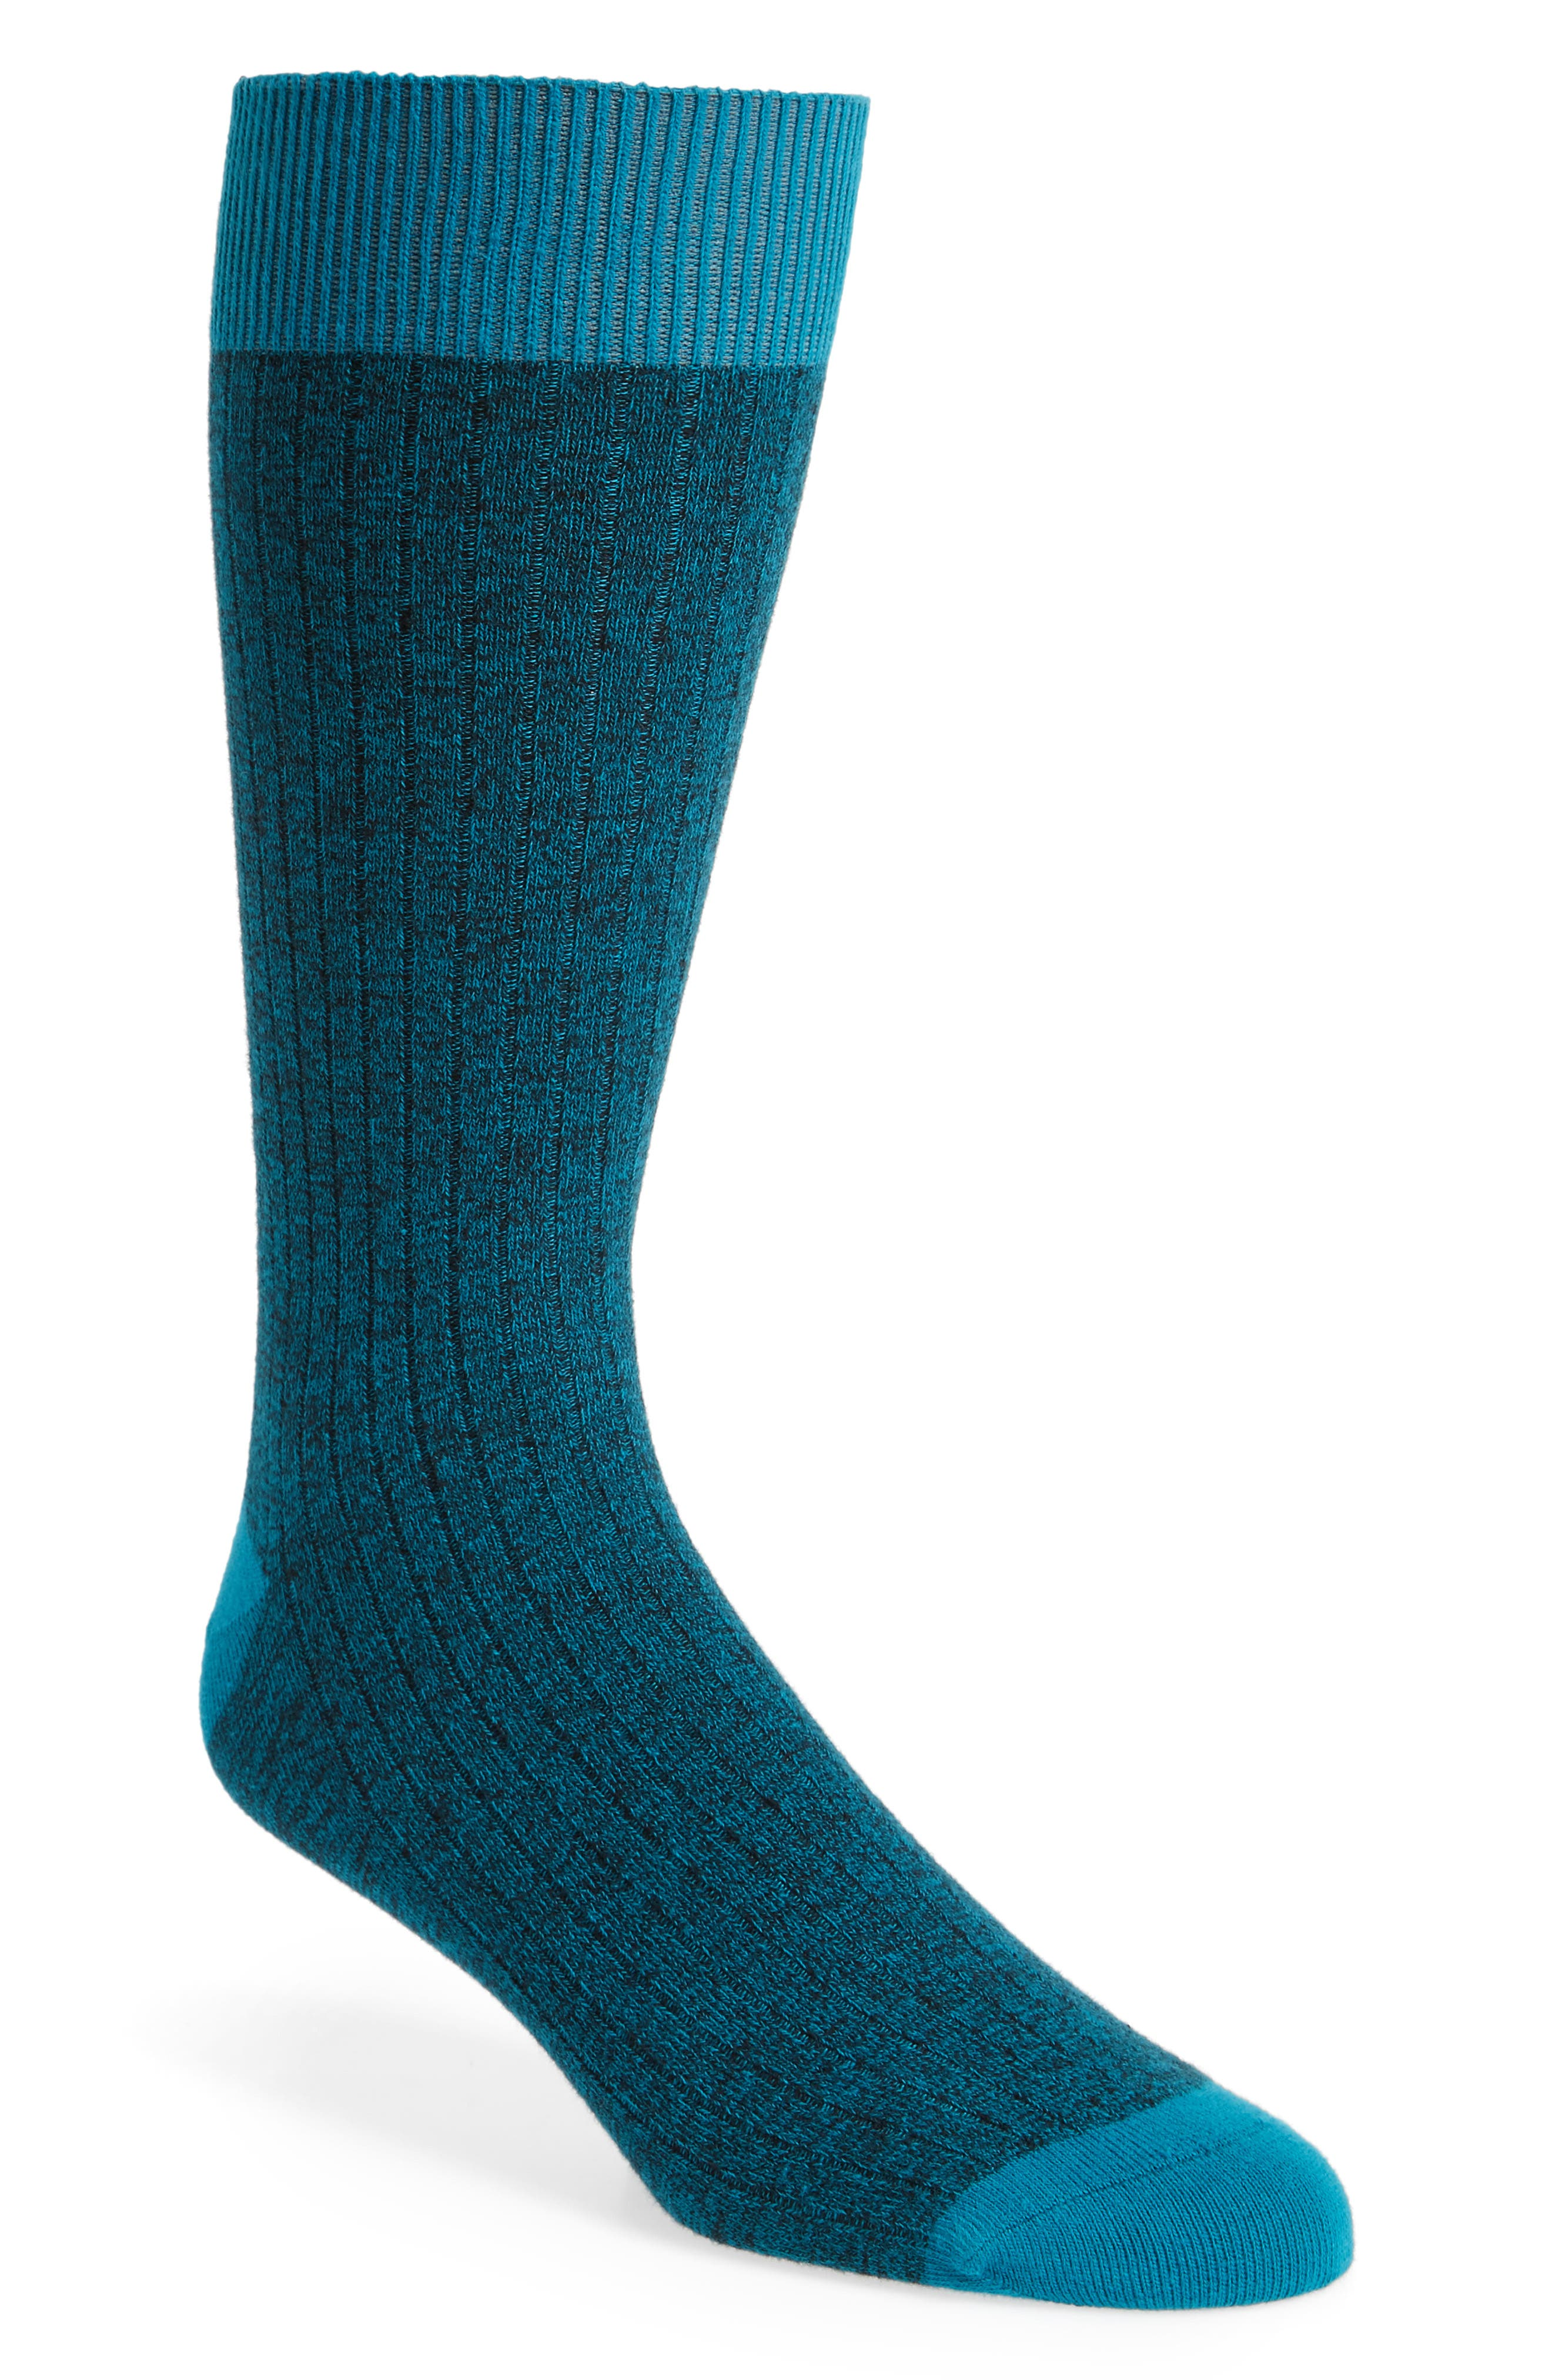 Polbray Ribbed Socks,                             Main thumbnail 1, color,                             Teal